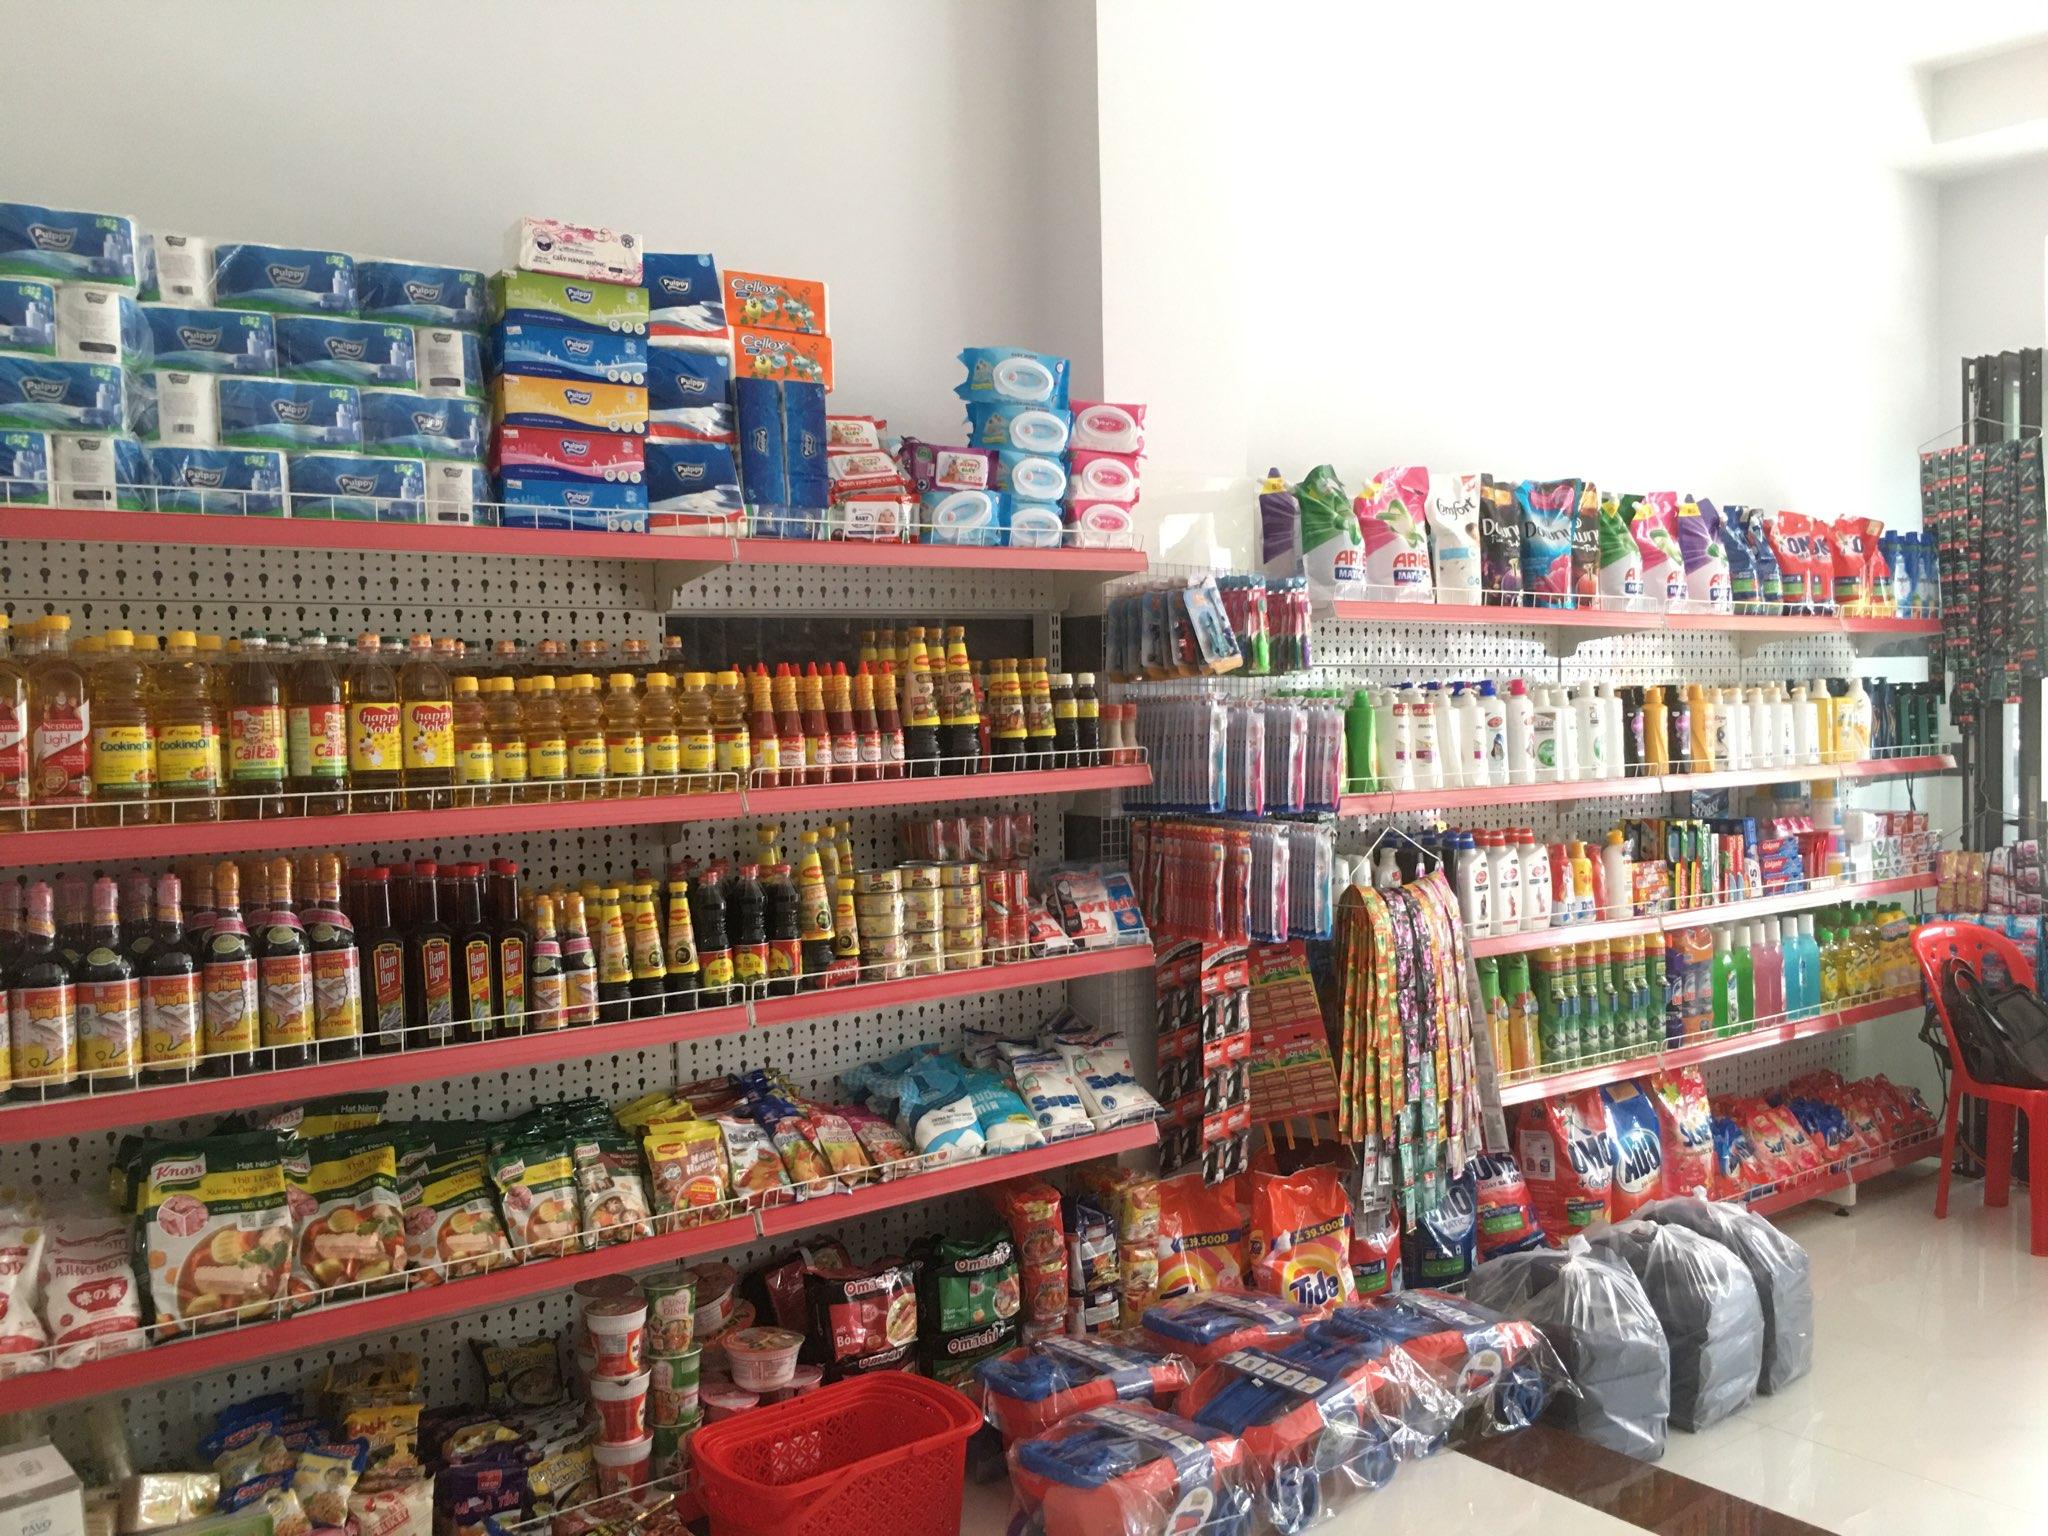 mở cửa hàng tạp hóa quy mô vừa và nhỏ